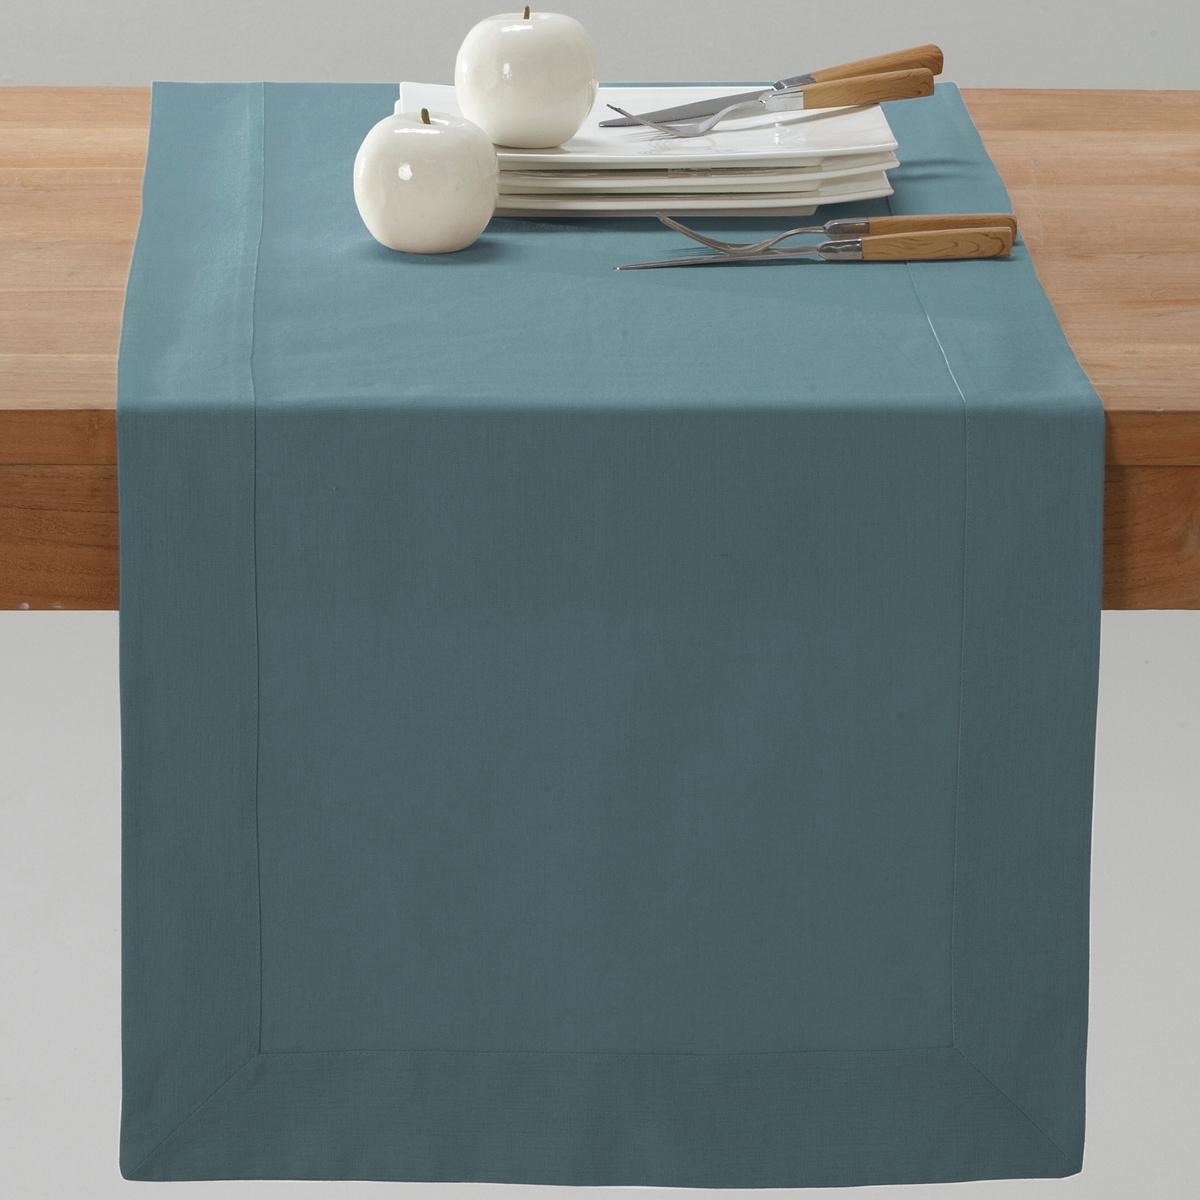 Дорожка La Redoute Столовая из смесовой ткани из льна и хлопка BORDER 50 x 150 см синий комплект из салфеток из la redoute льна и хлопка border 45 x 45 см бежевый